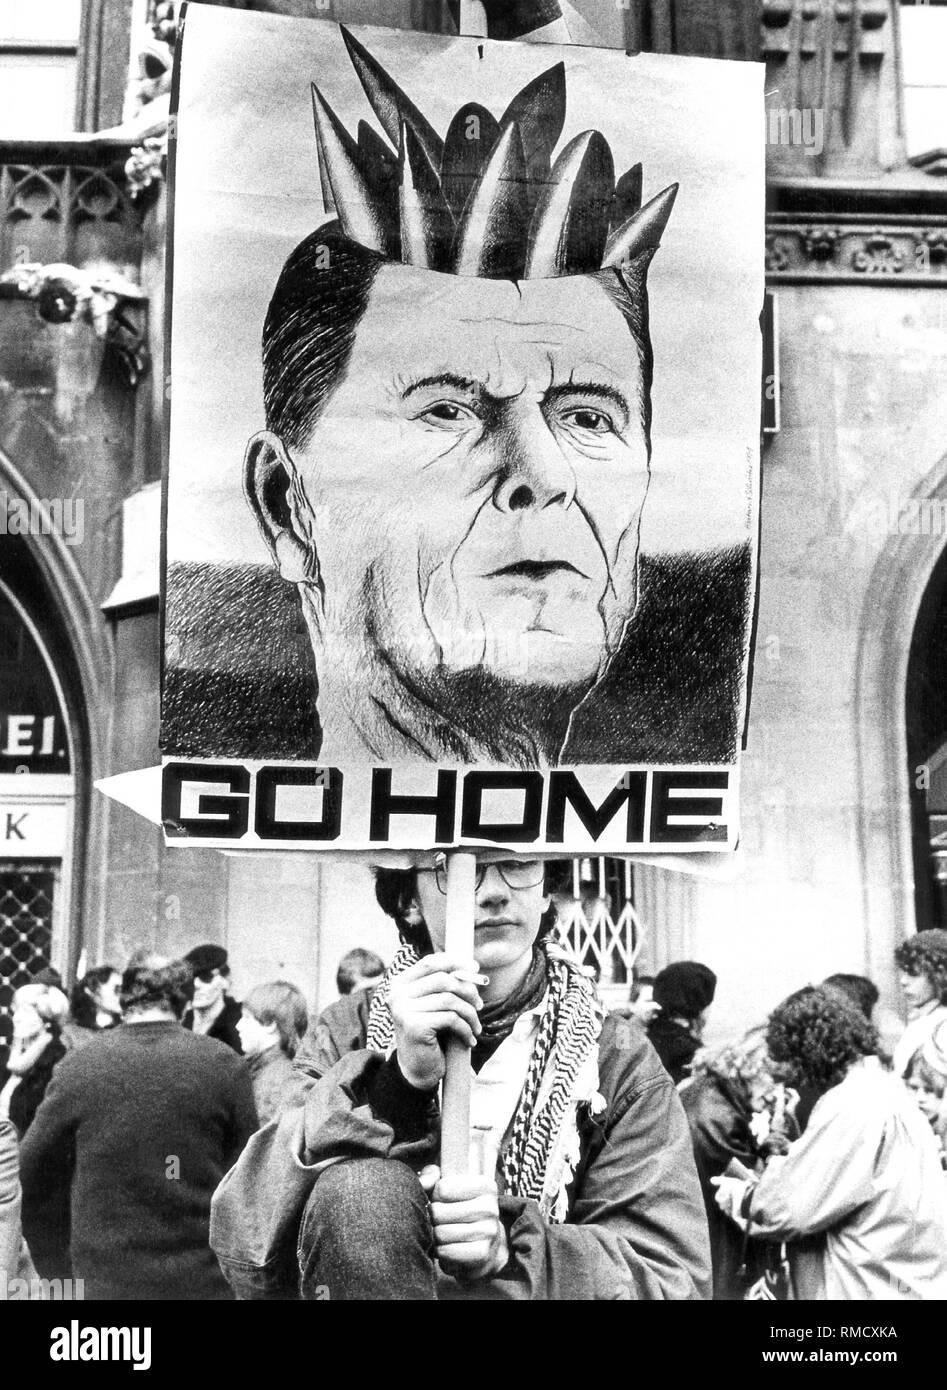 Un participant d'une manifestation contre la paix les armes nucléaires de l'OTAN tient une affiche de Reagan. Photo Stock